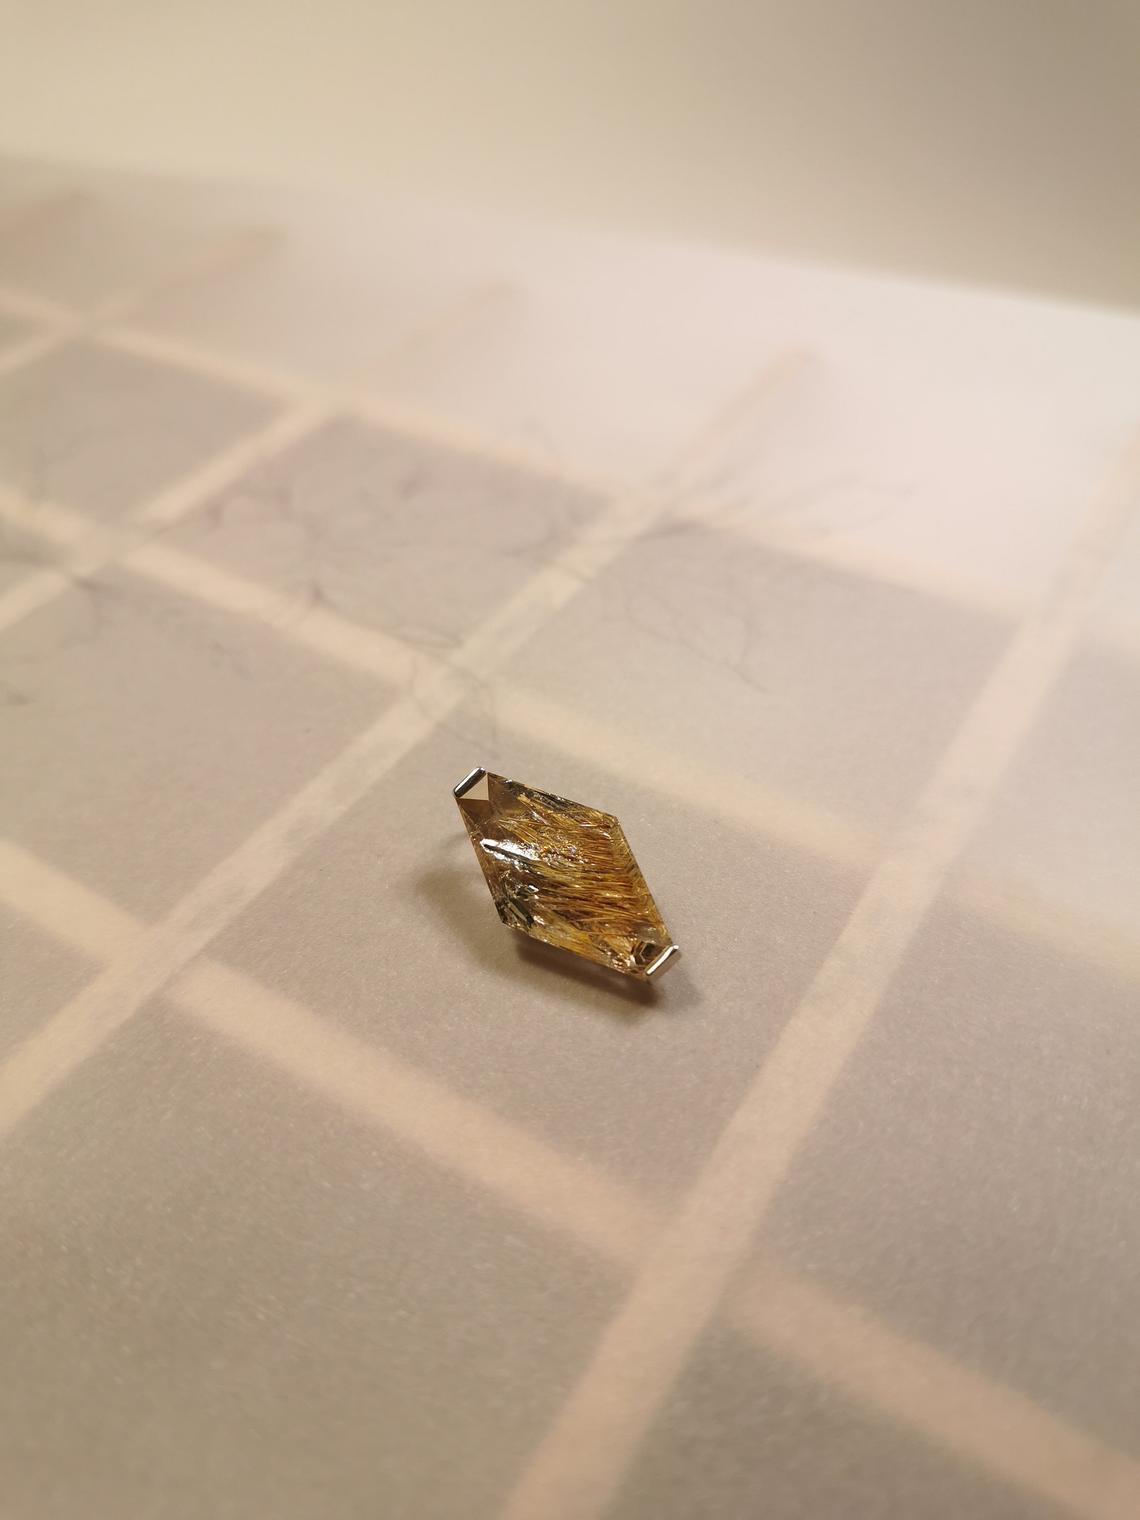 Quartz and Meneghinite pendant